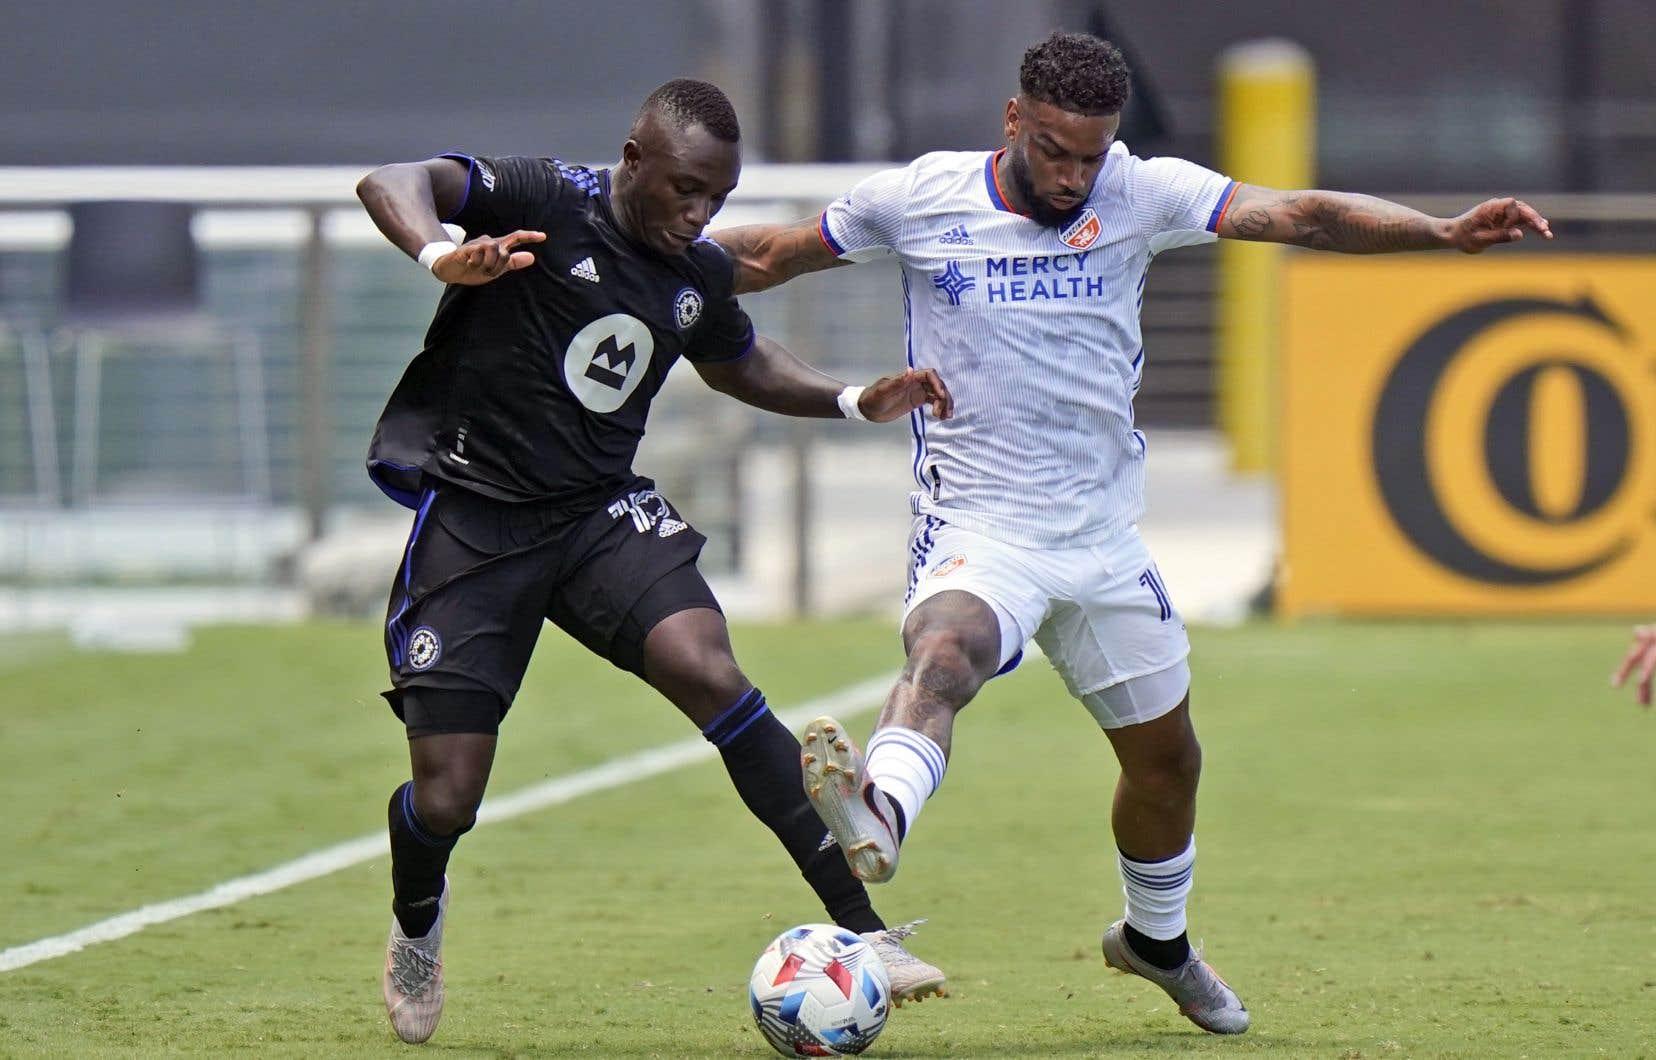 Ce match a marqué le retour du défenseur latéral Zachary Brault-Guillard après une absence de trois matchs.